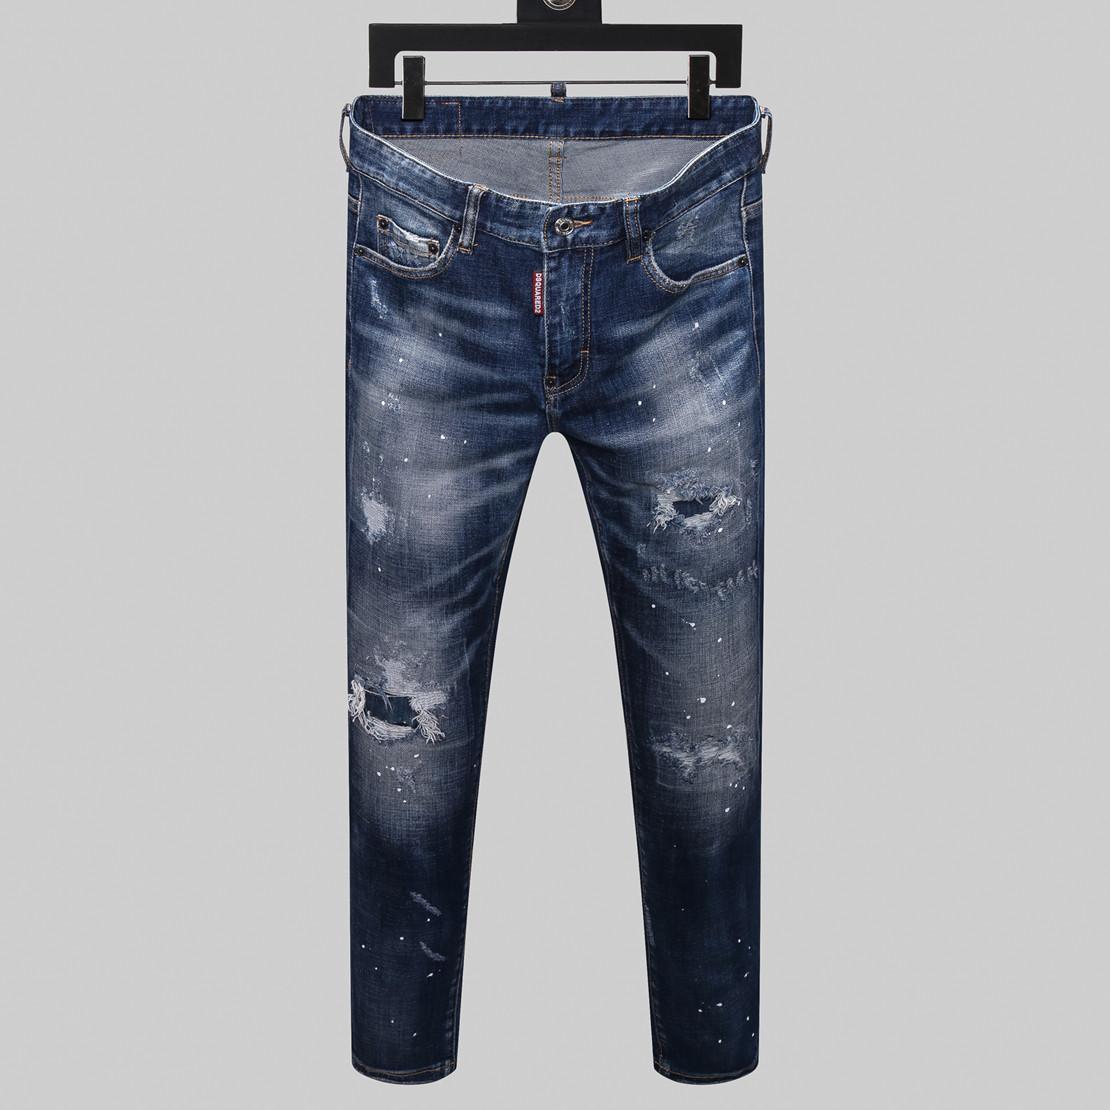 2020 Дизайнерские джинсы для мужчин Skinny Jeans рваные отверстия джинсы мотоцикла Байкер Джинсовые брюки Марка Мода Хип-хоп мужские бегуны